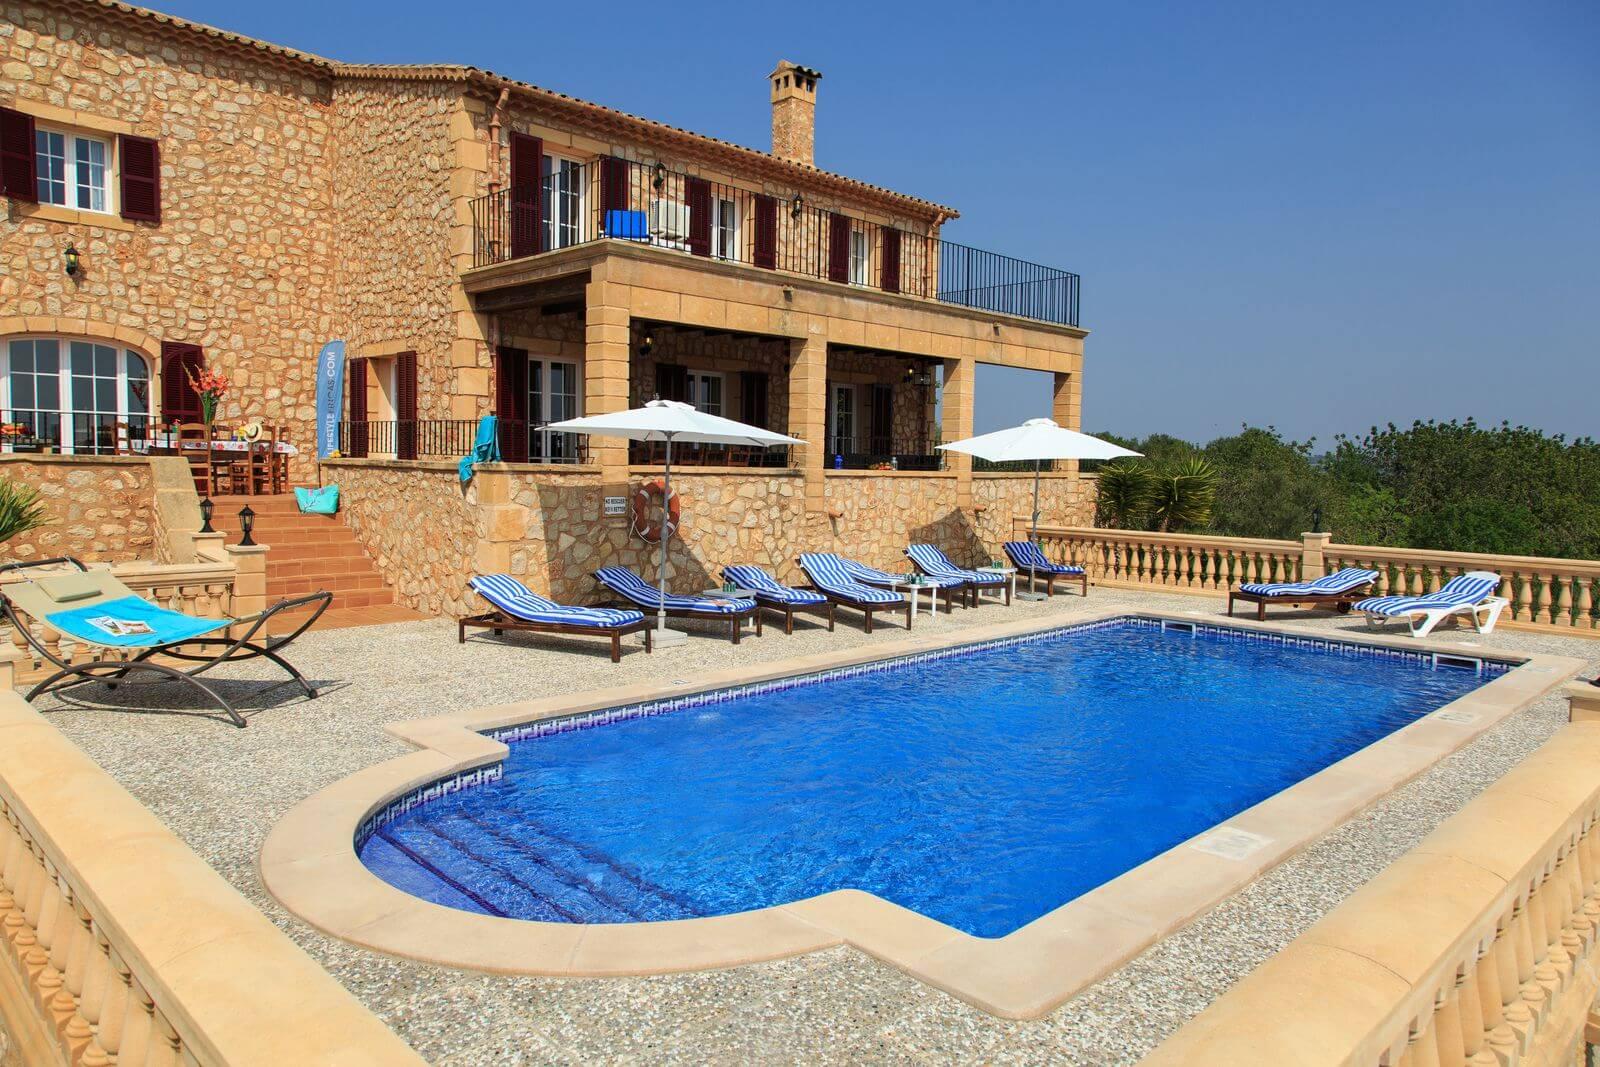 Finca Can Maria Pool mit Blick auf das Haus